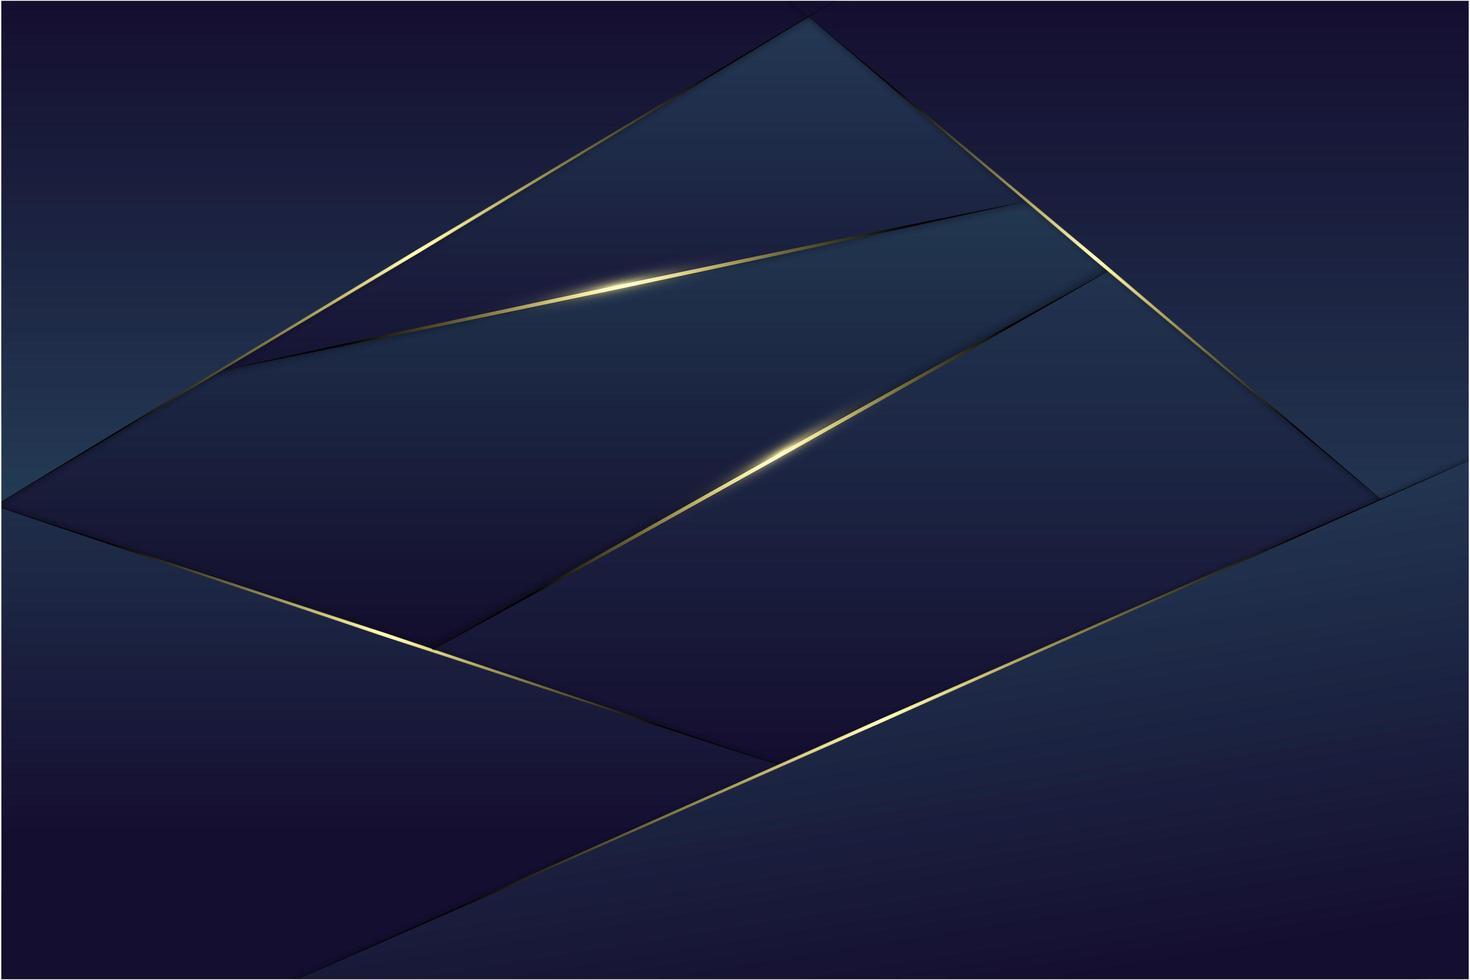 blauer metallischer polygonaler Hintergrund. vektor